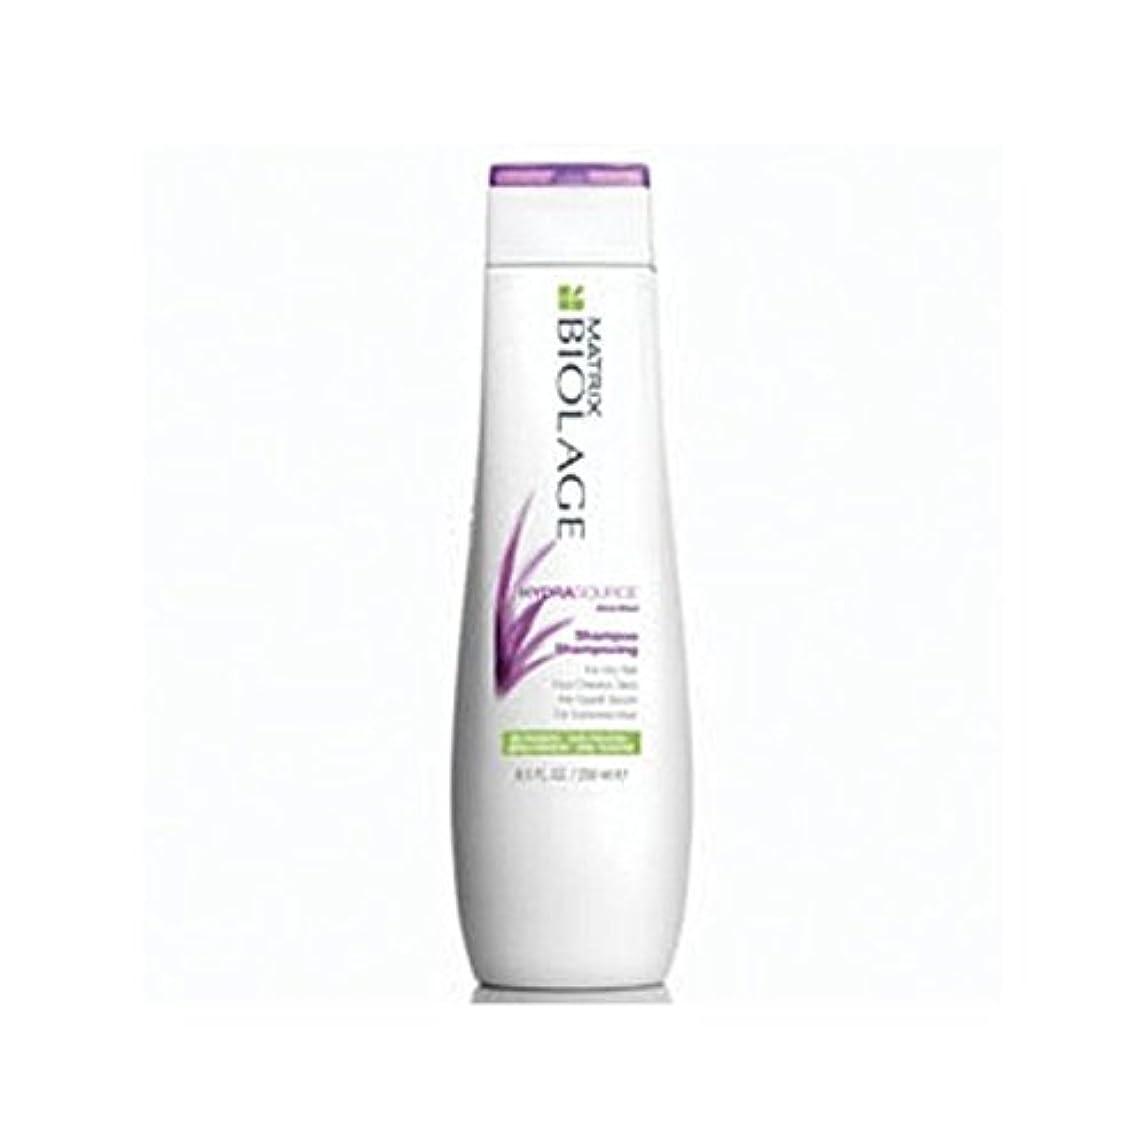 テーマ縫う円形マトリックスバイオレイジのシャンプー(250ミリリットル) x2 - Matrix Biolage Hydrasource Shampoo (250ml) (Pack of 2) [並行輸入品]